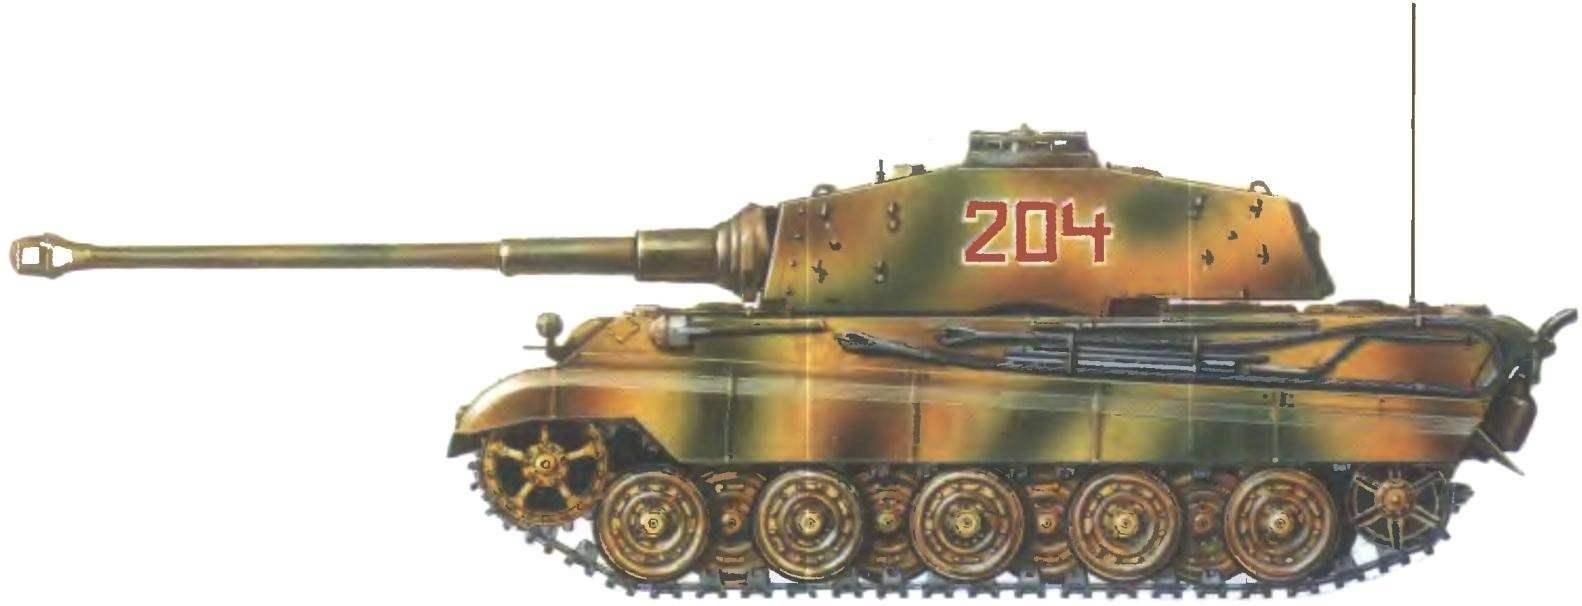 Pz. VI Ausf. В. 502-й тяжелый танковый батальон СС. Восточный фронт, 1945 год